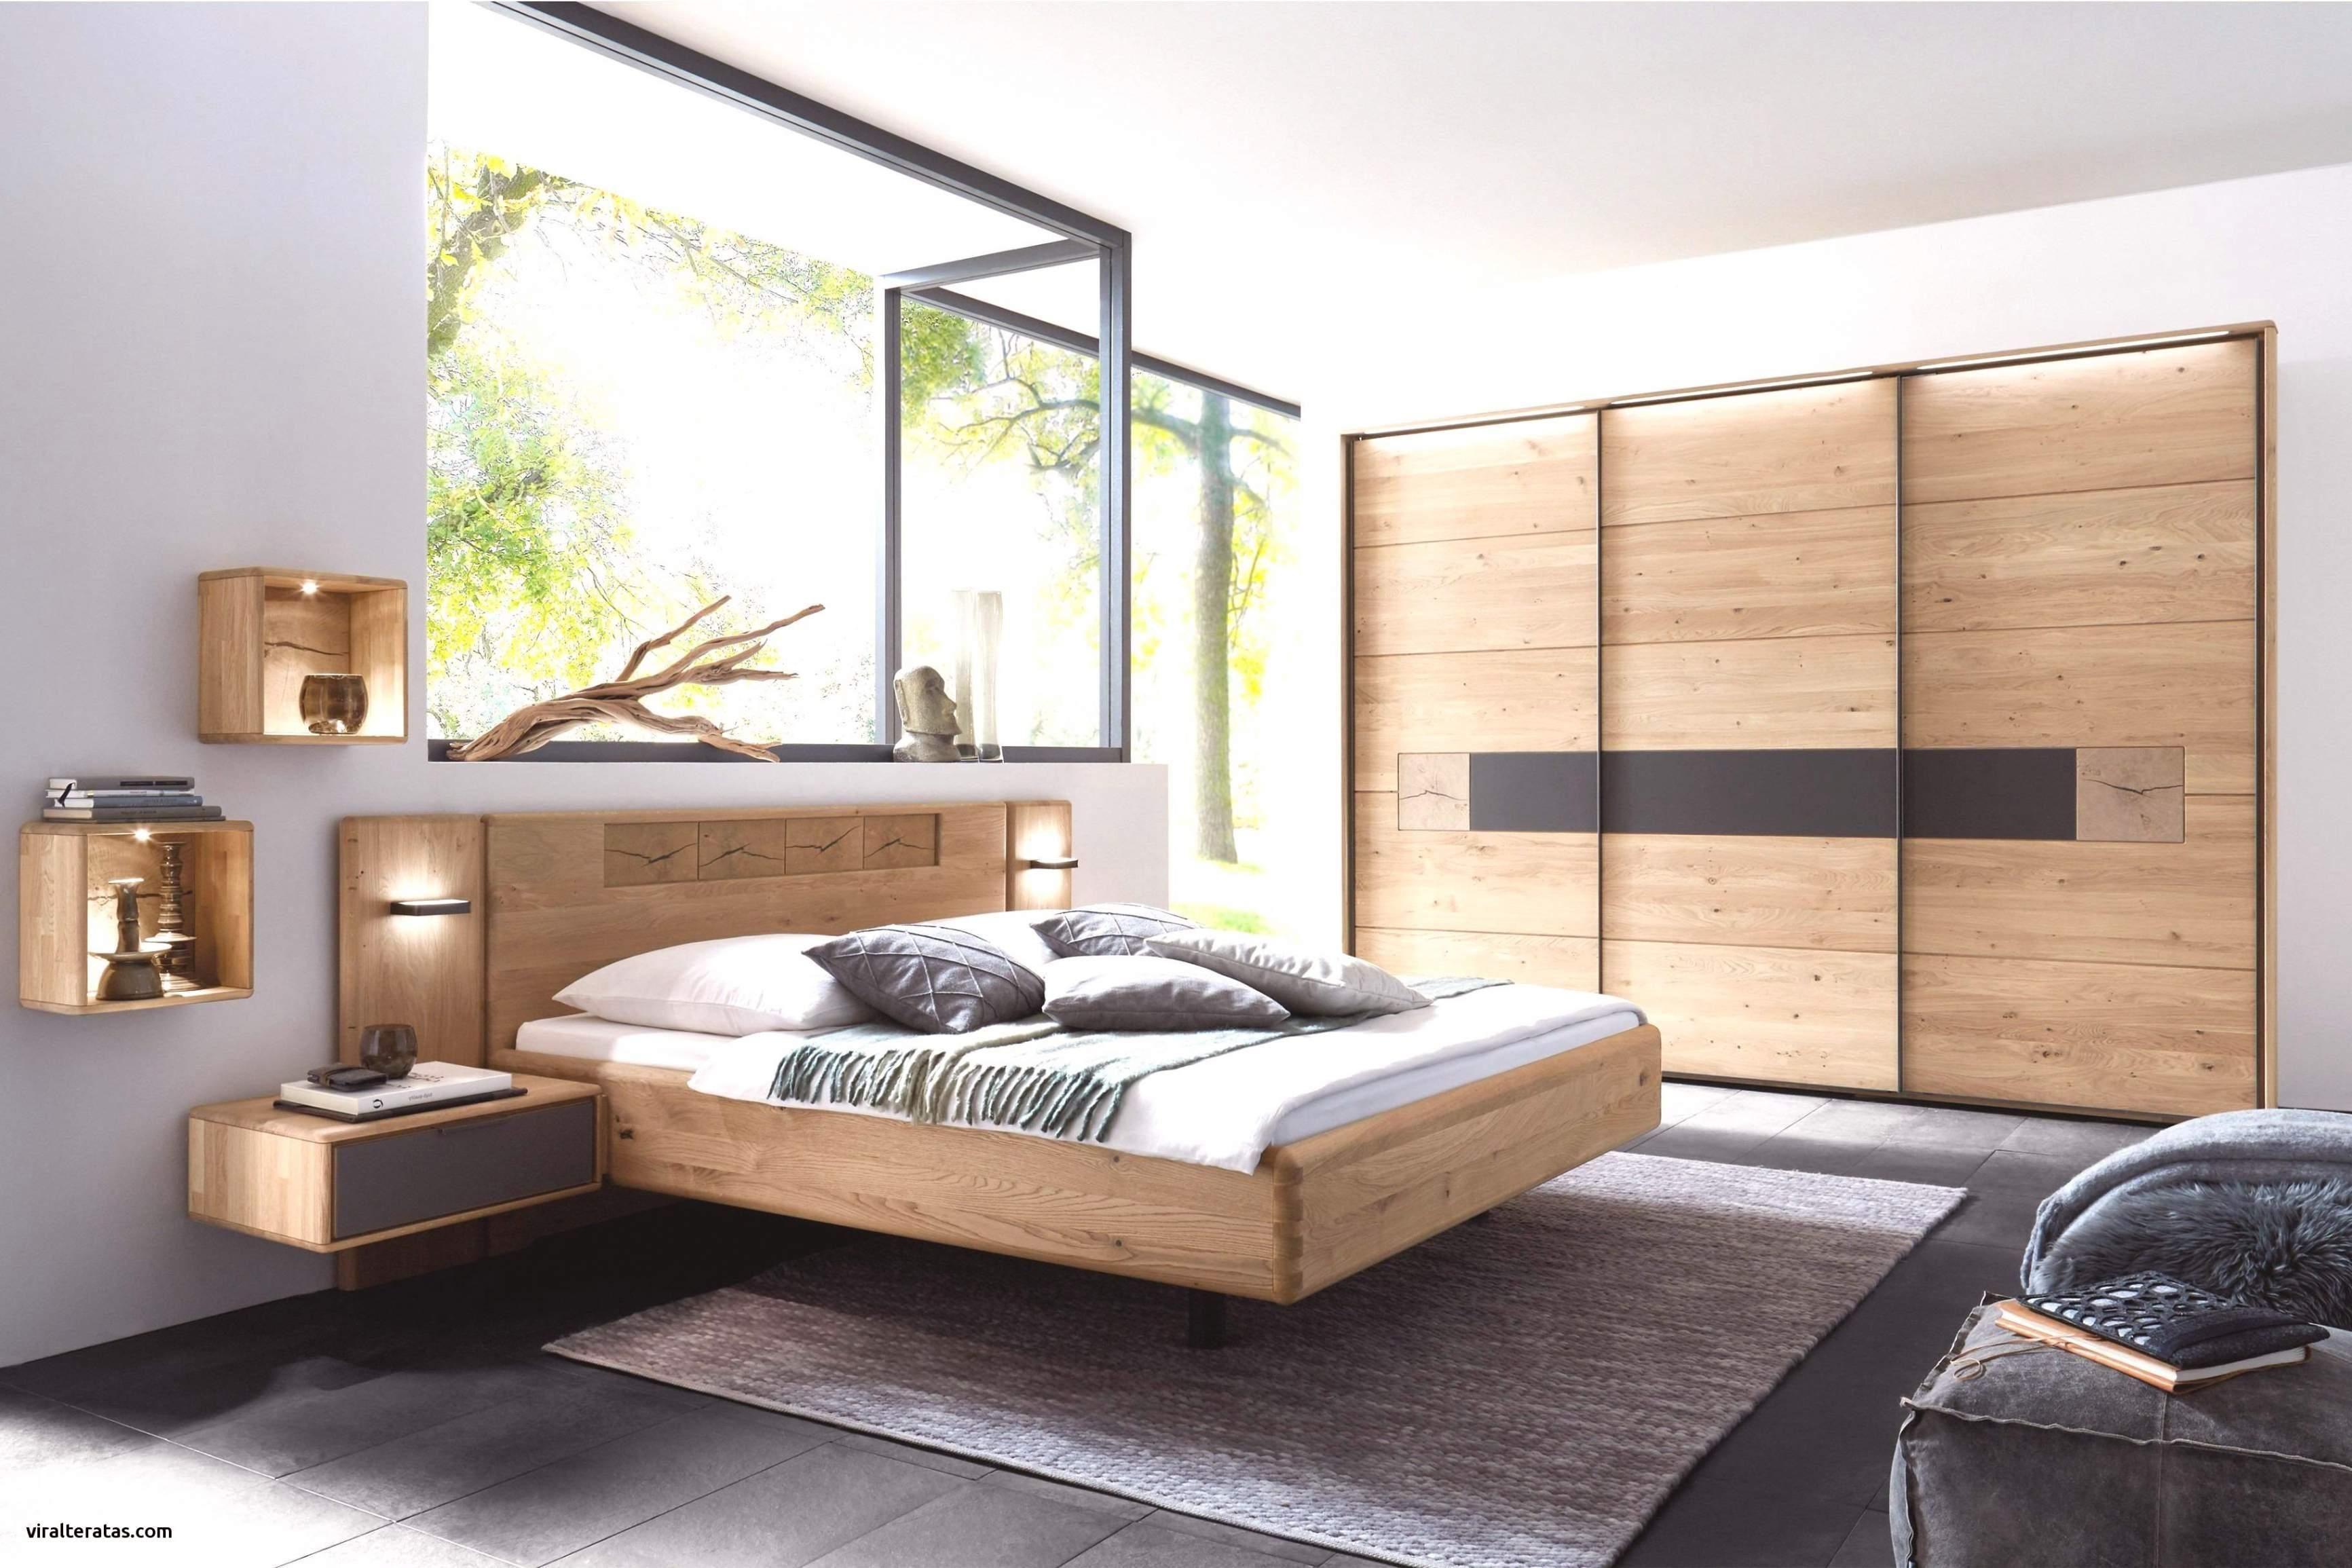 10 Schlafzimmer Gemutlich Einrichten Ideen In 2020 Bedroom Trends Bedroom Design Trends Bedroom Design Inspiration